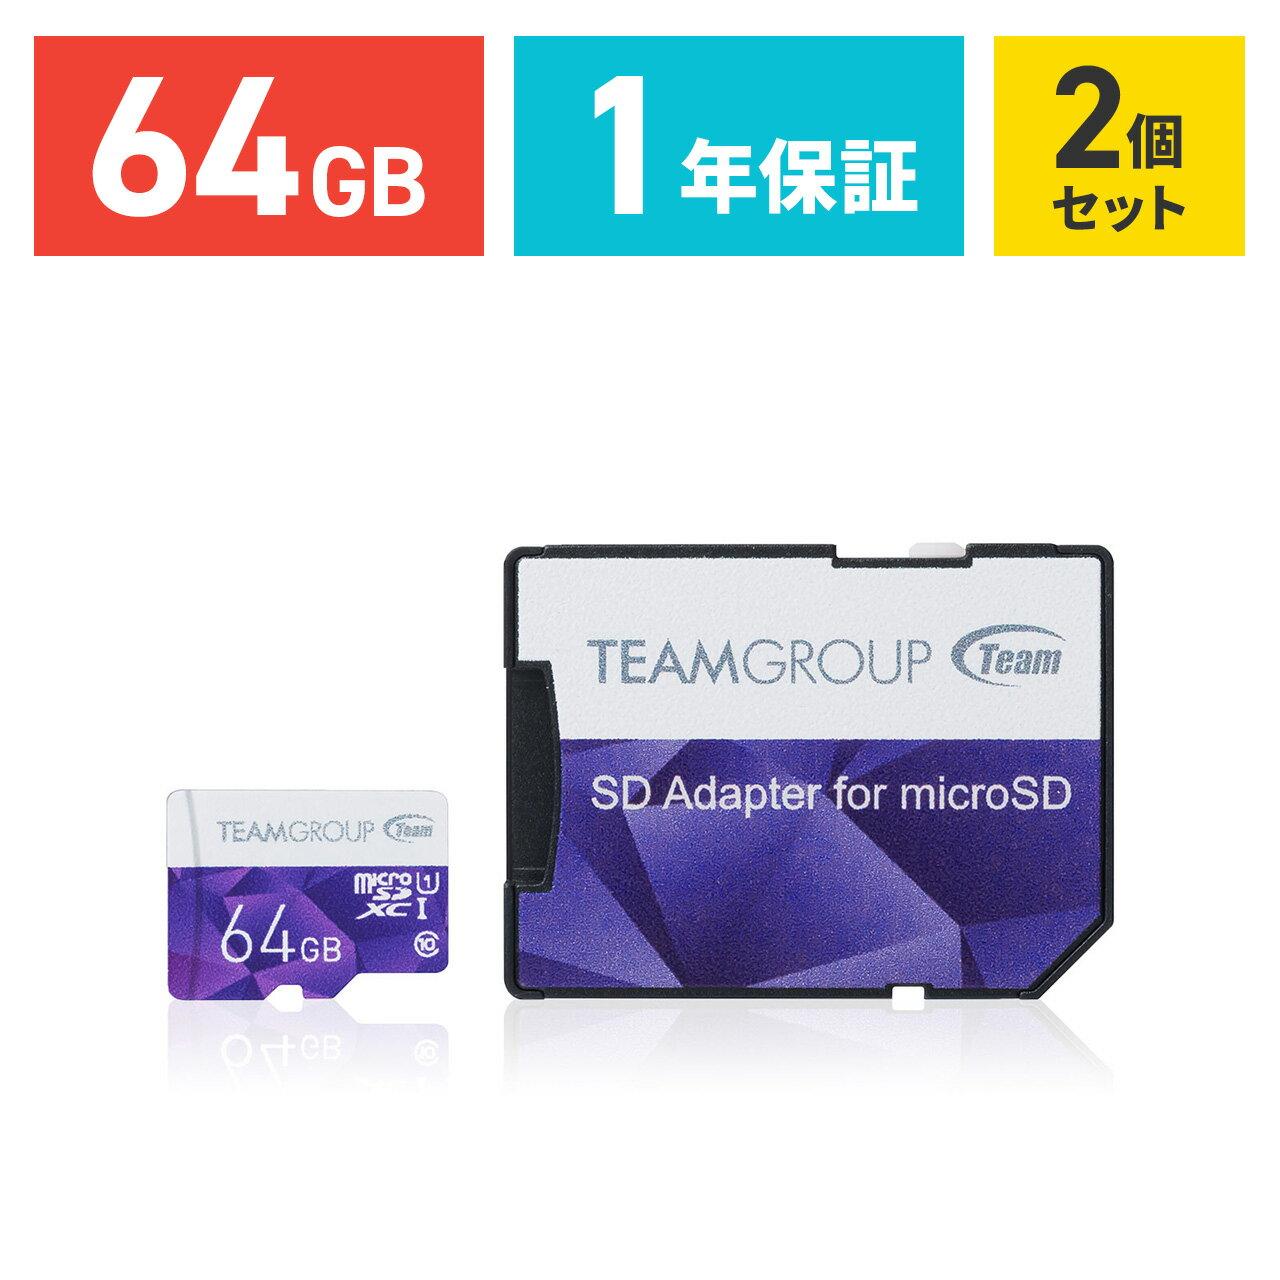 【12月1日値下げしました】【ネコポス専用】【まとめ割 2個セット】 microSDカード 64GB Class10 UHS-I対応 高速データ転送 SDカード変換アダプタ付き 最大転送速度80MB/s マイクロSD microSDXC クラス10 スマホ SD[600-MCSD64G--2]【サンワダイレクト限定品】【送料無料】